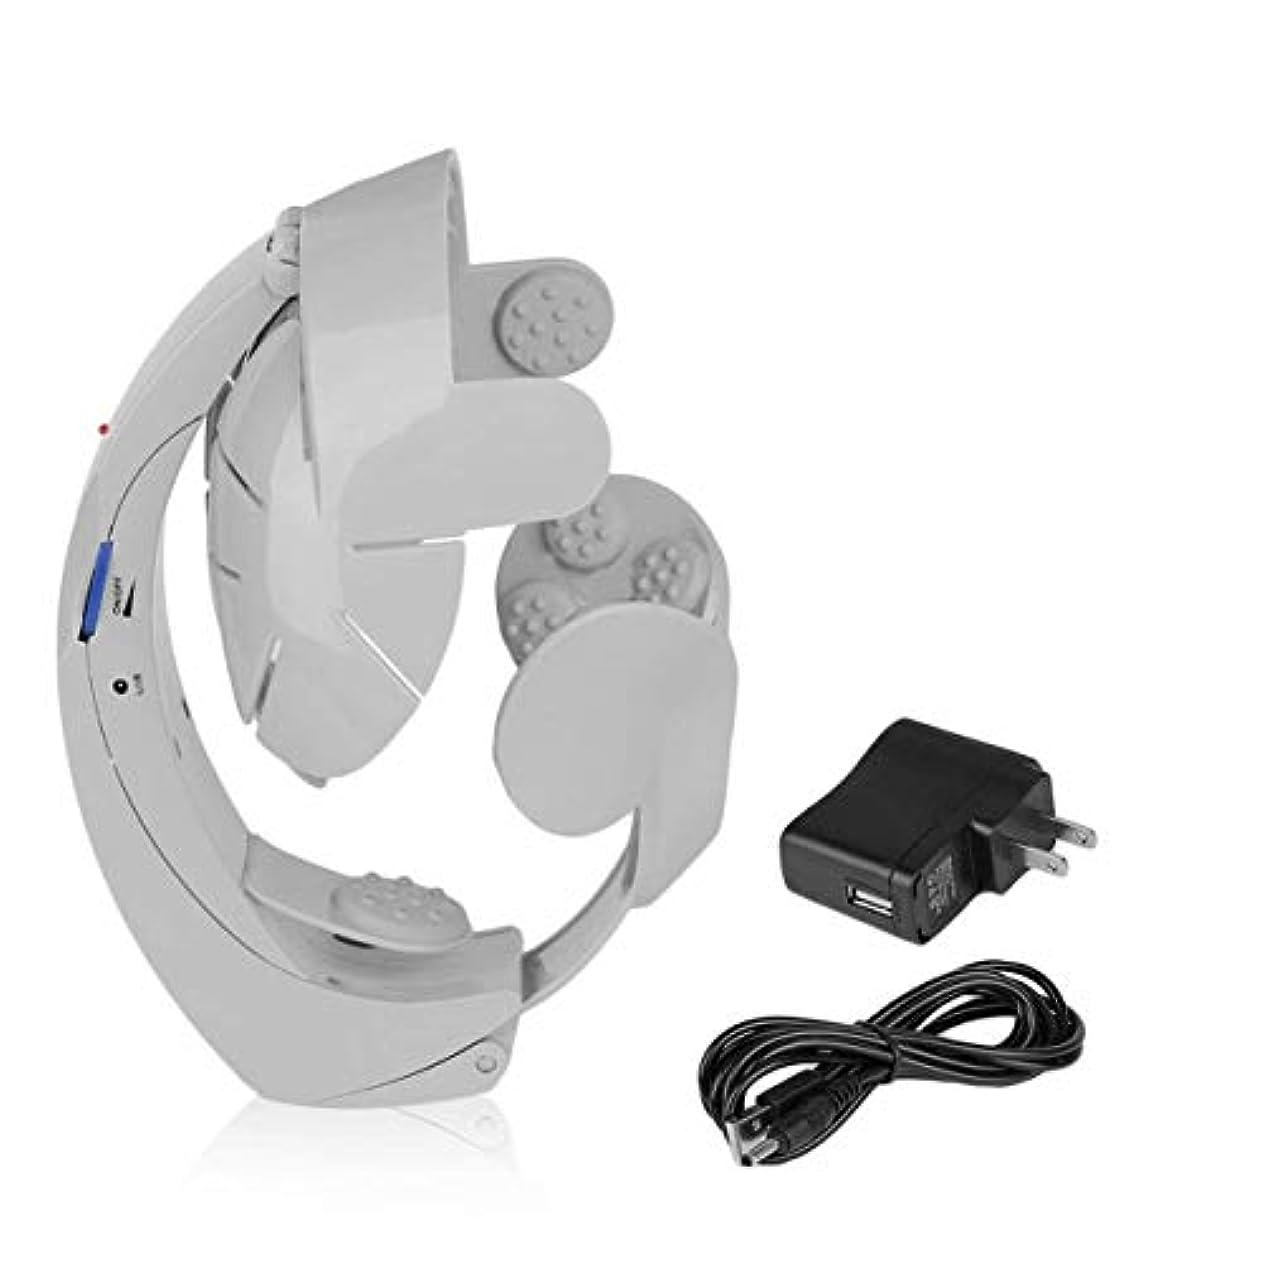 暫定ぐったり首ヒューマノイドデザイン電動ヘッドマッサージ脳のマッサージリラックス簡単な鍼治療ファッションスタイルヘルスケアサプライ